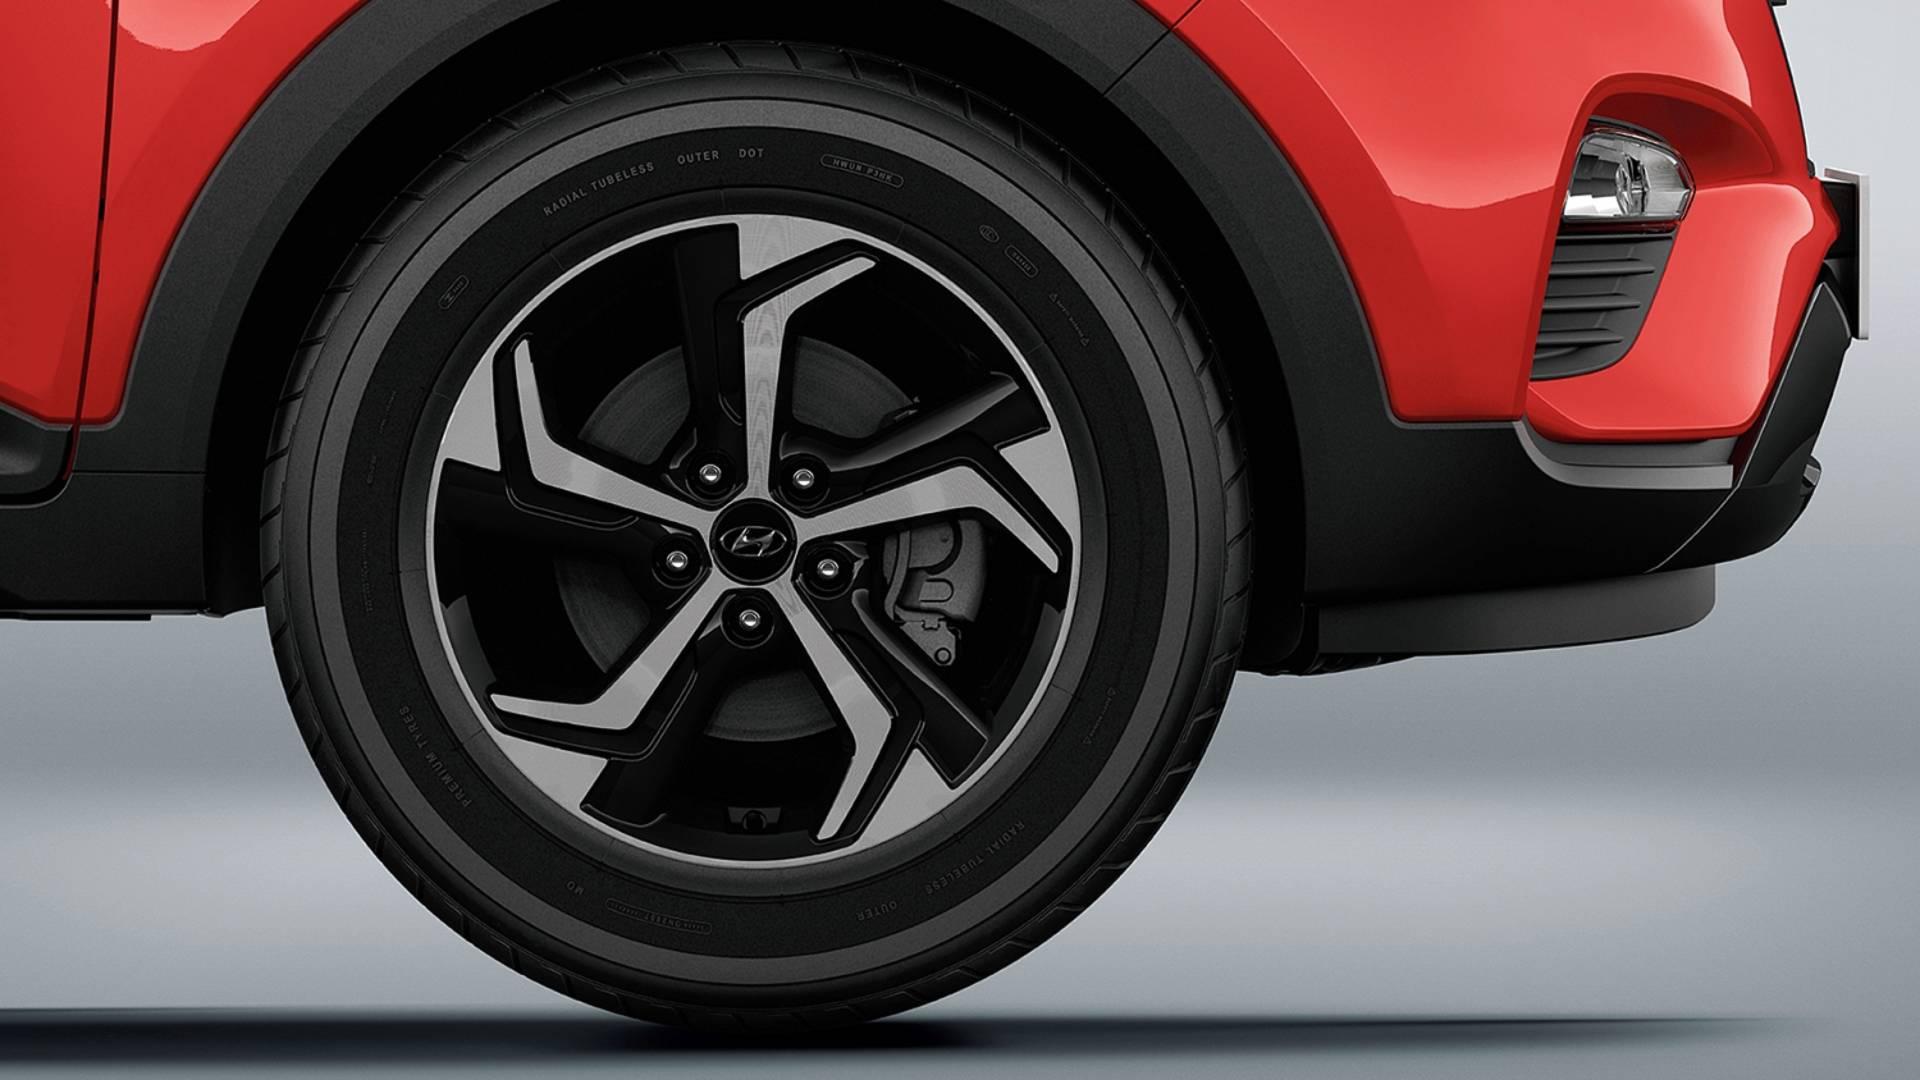 Nieuwe Hyundai Creta 2021: prijzen, interieur, fotos en specificaties